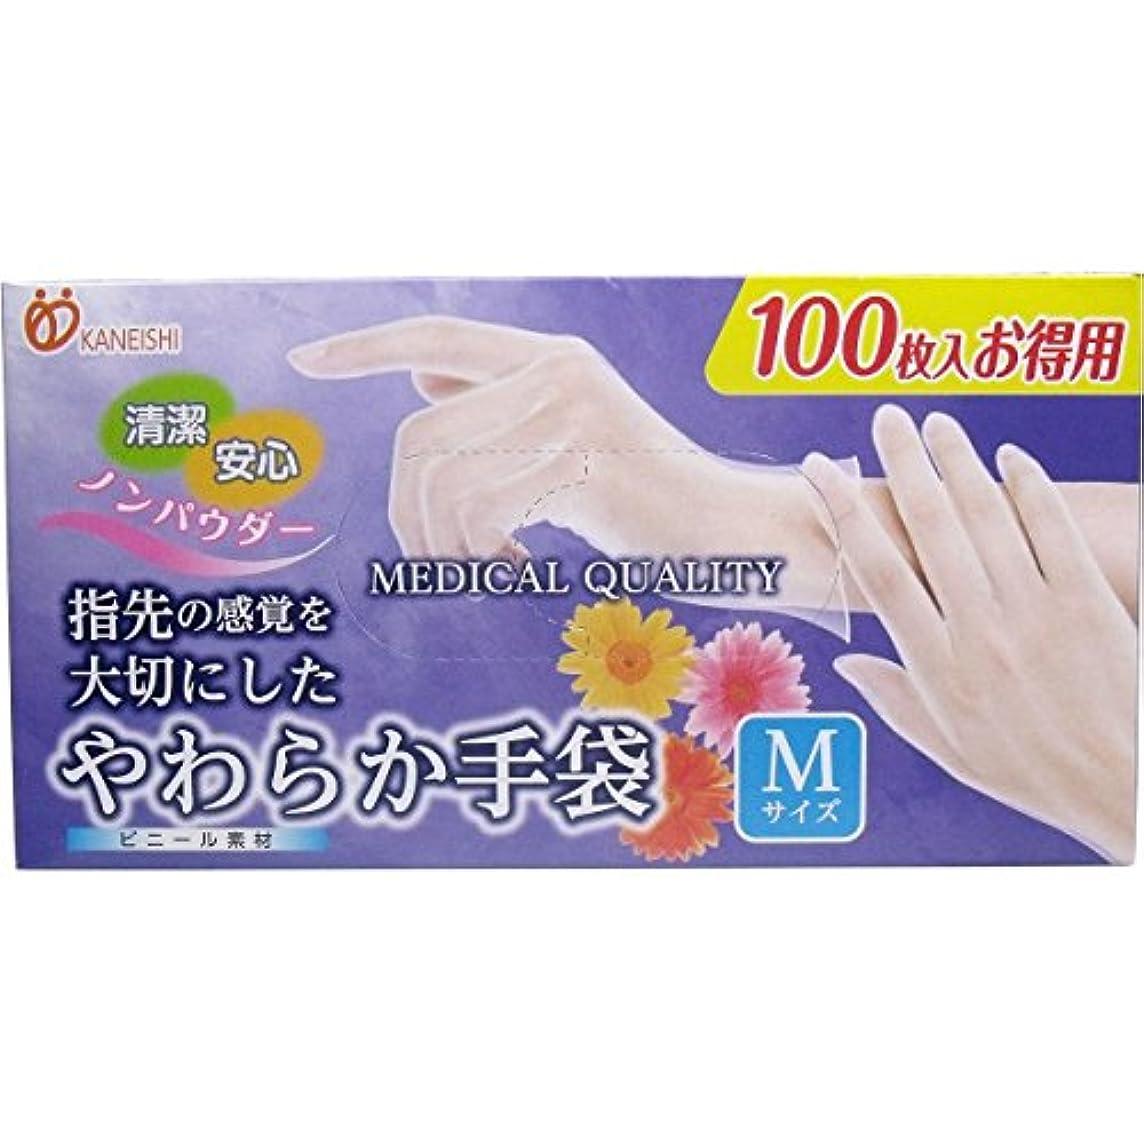 照らす無声で勃起やわらか手袋 ビニール素材 Mサイズ 100枚入x4